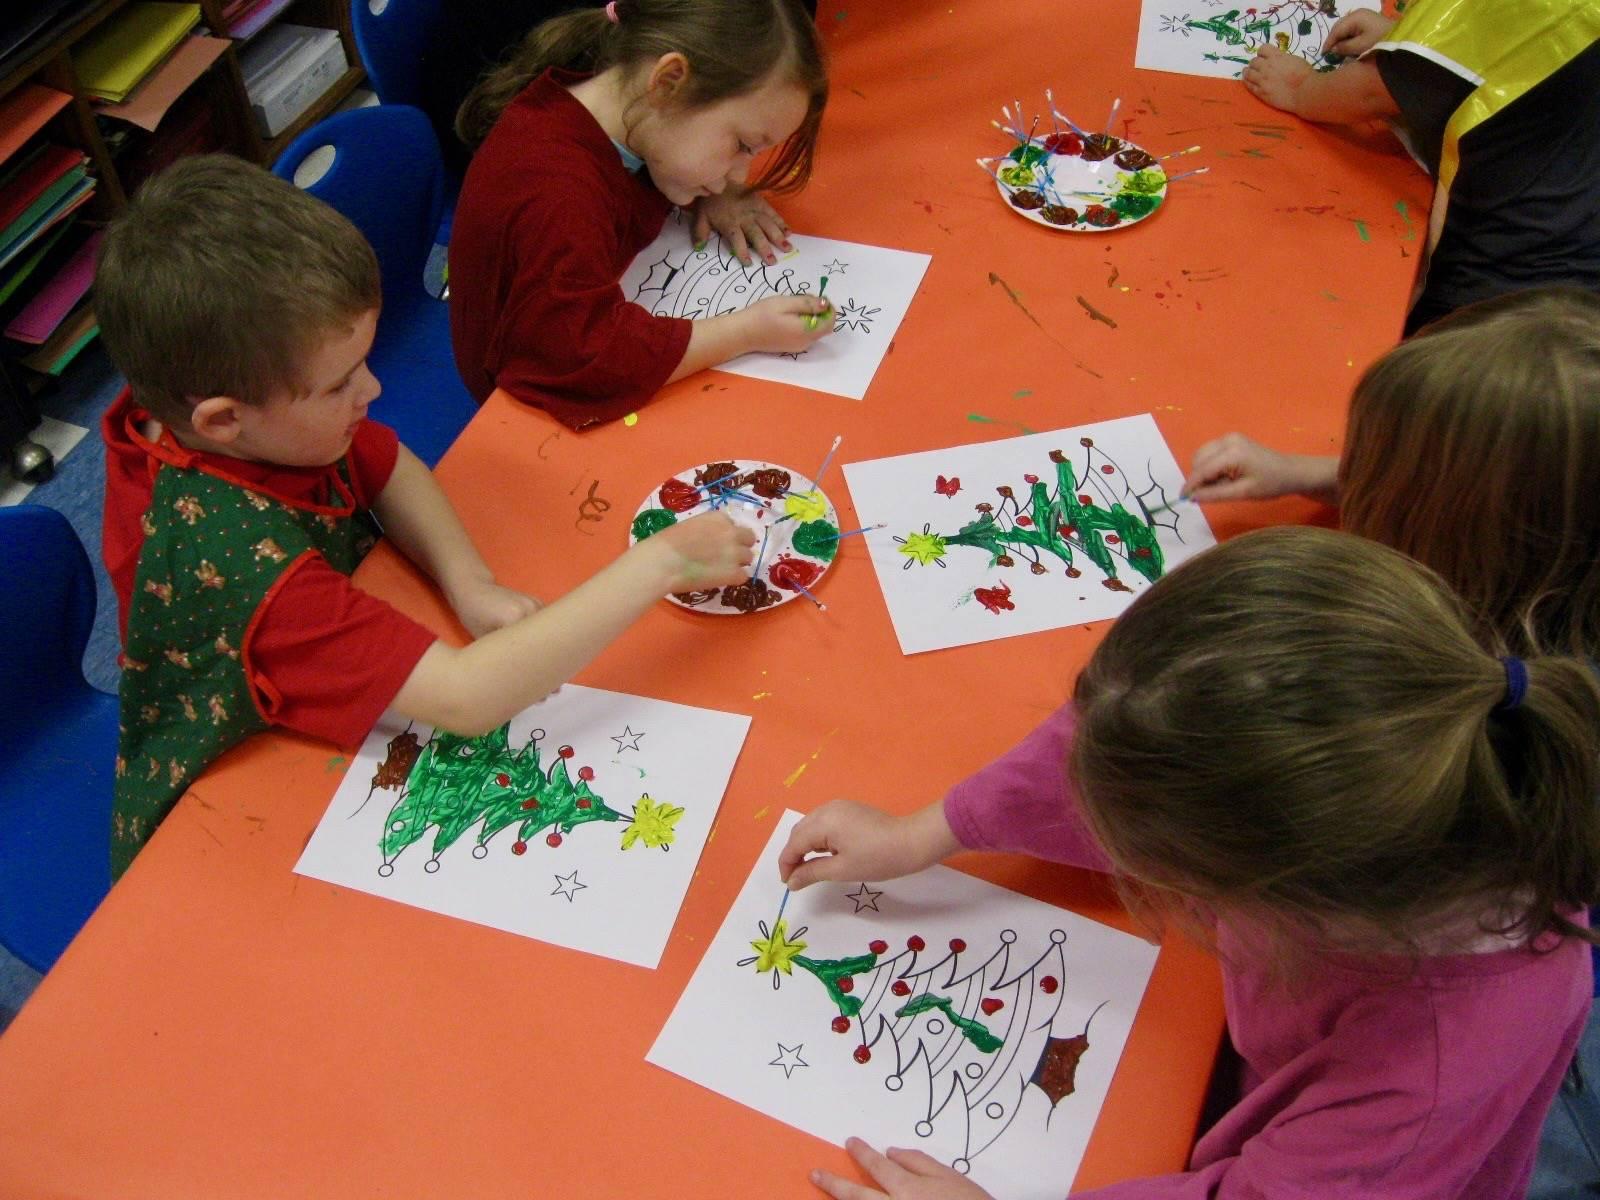 3 students paint.